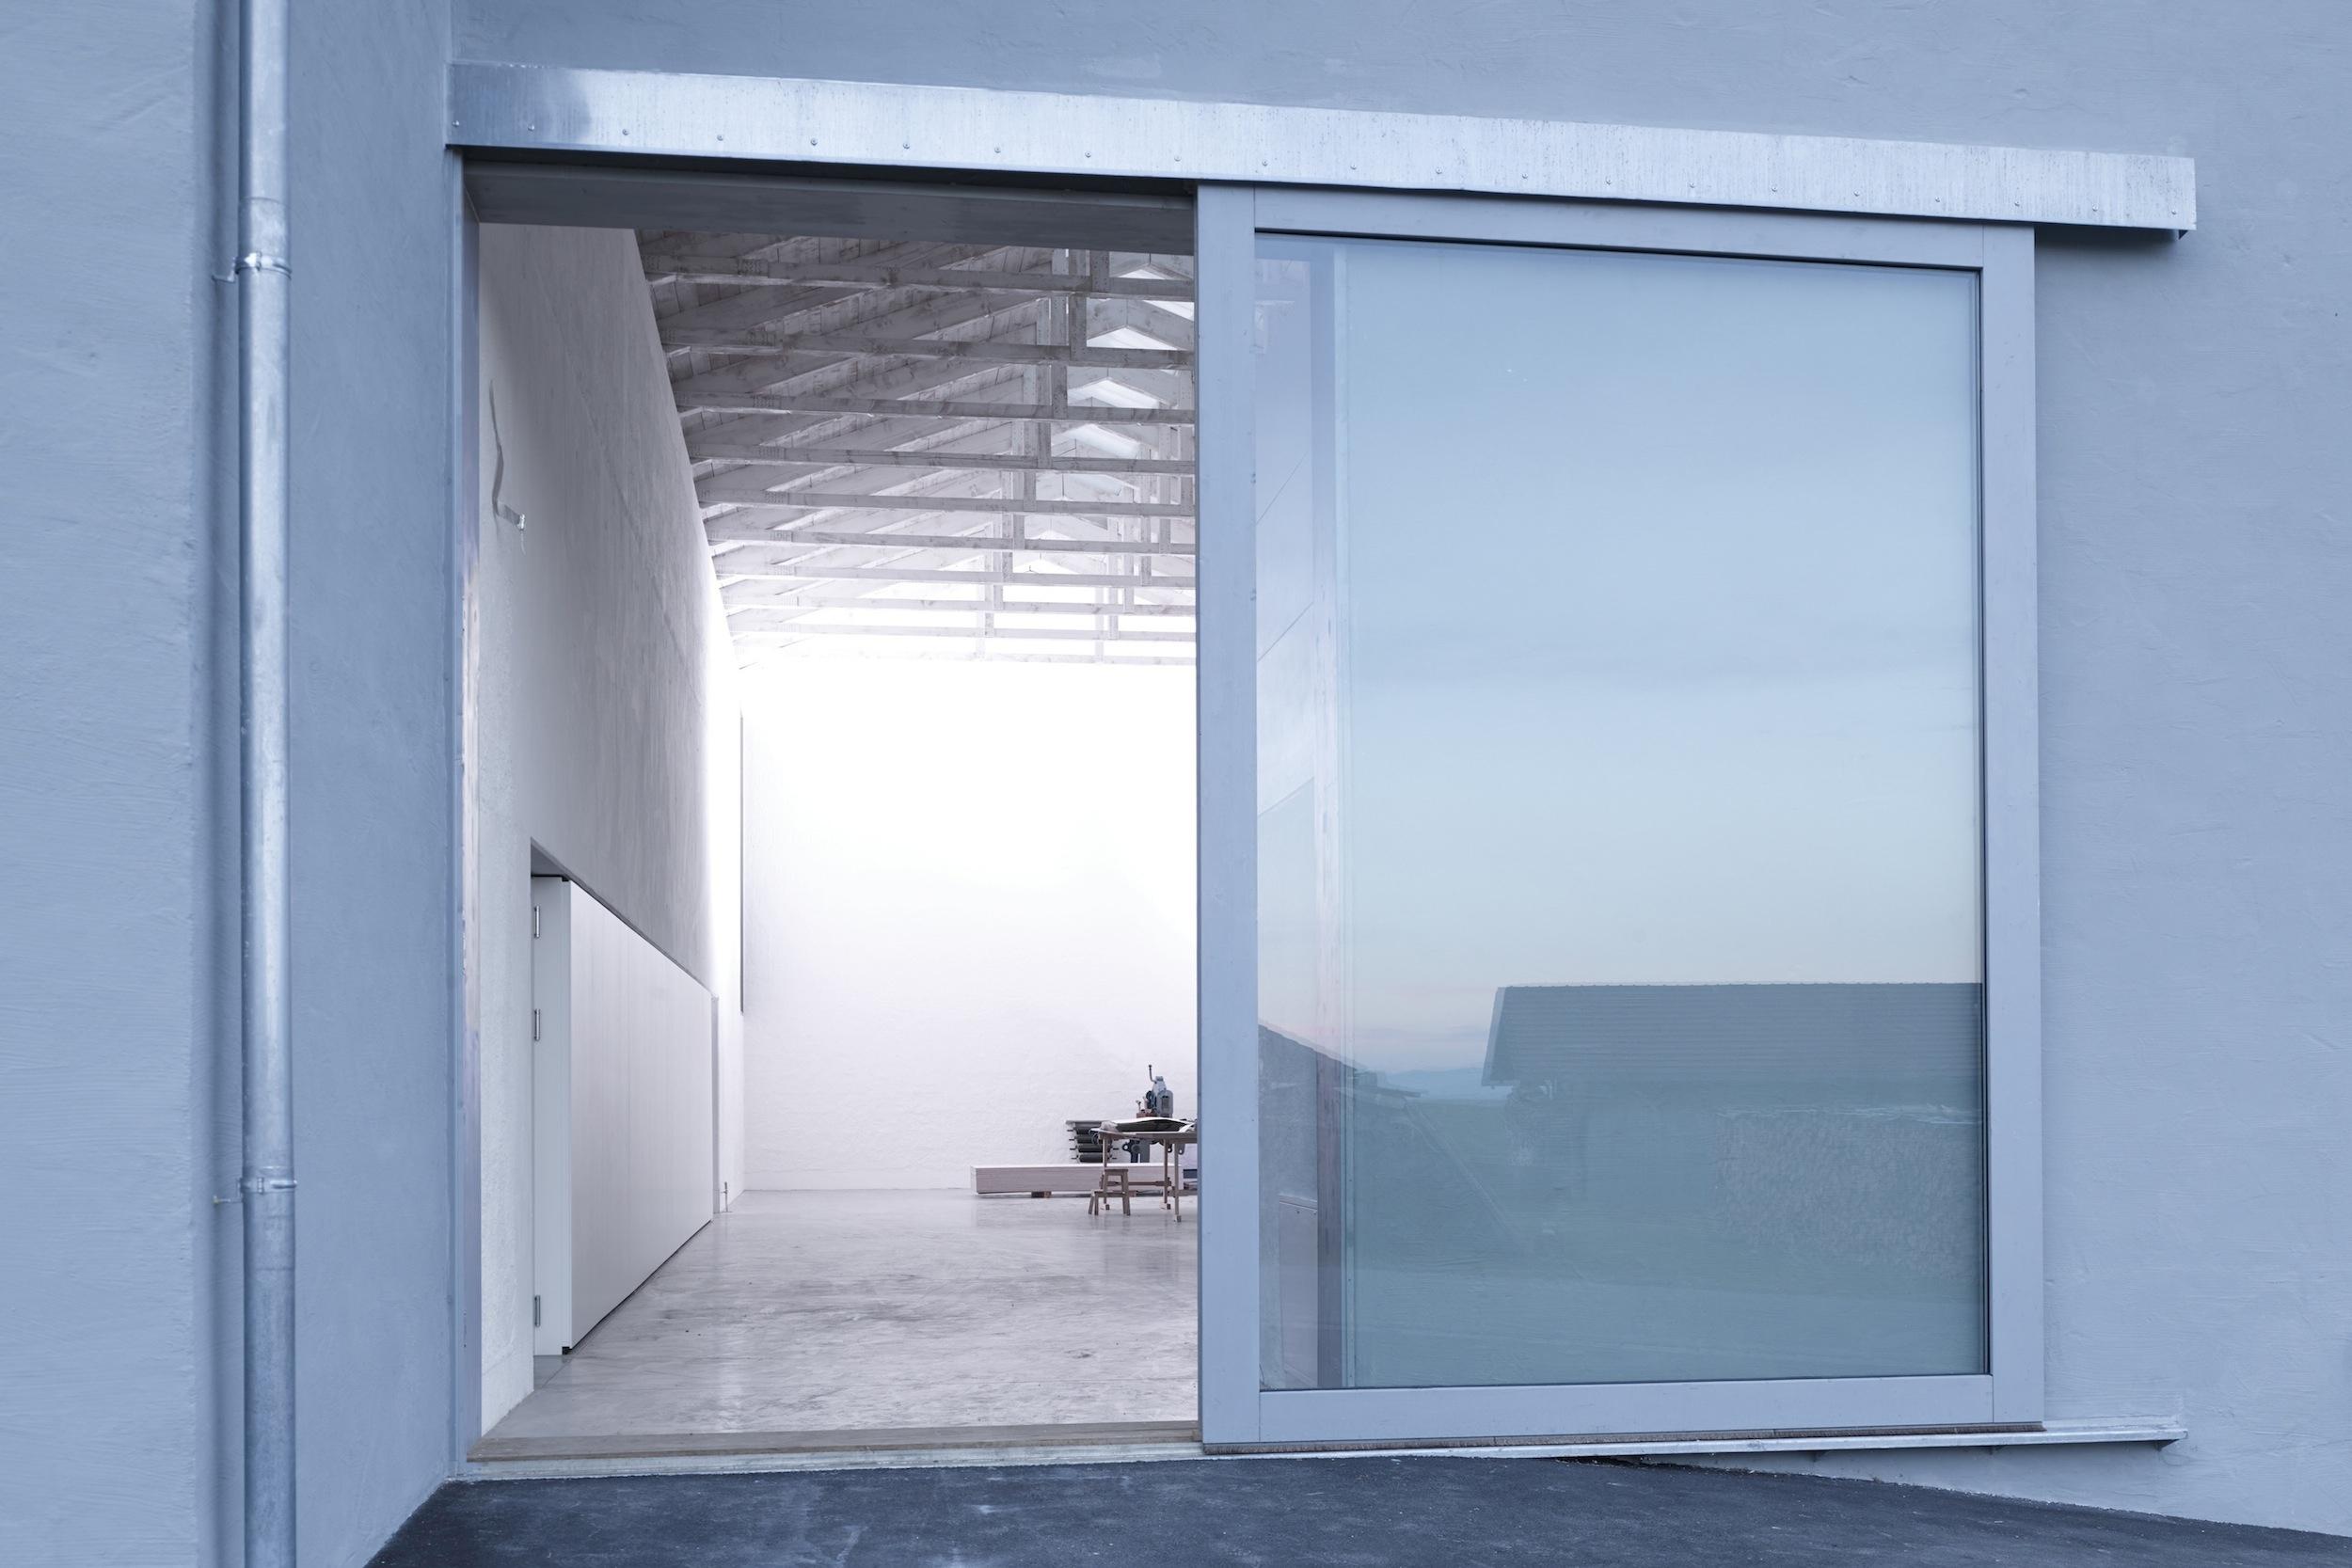 Atelier Werkstatt Und Lager By Florian Nagler Architekten